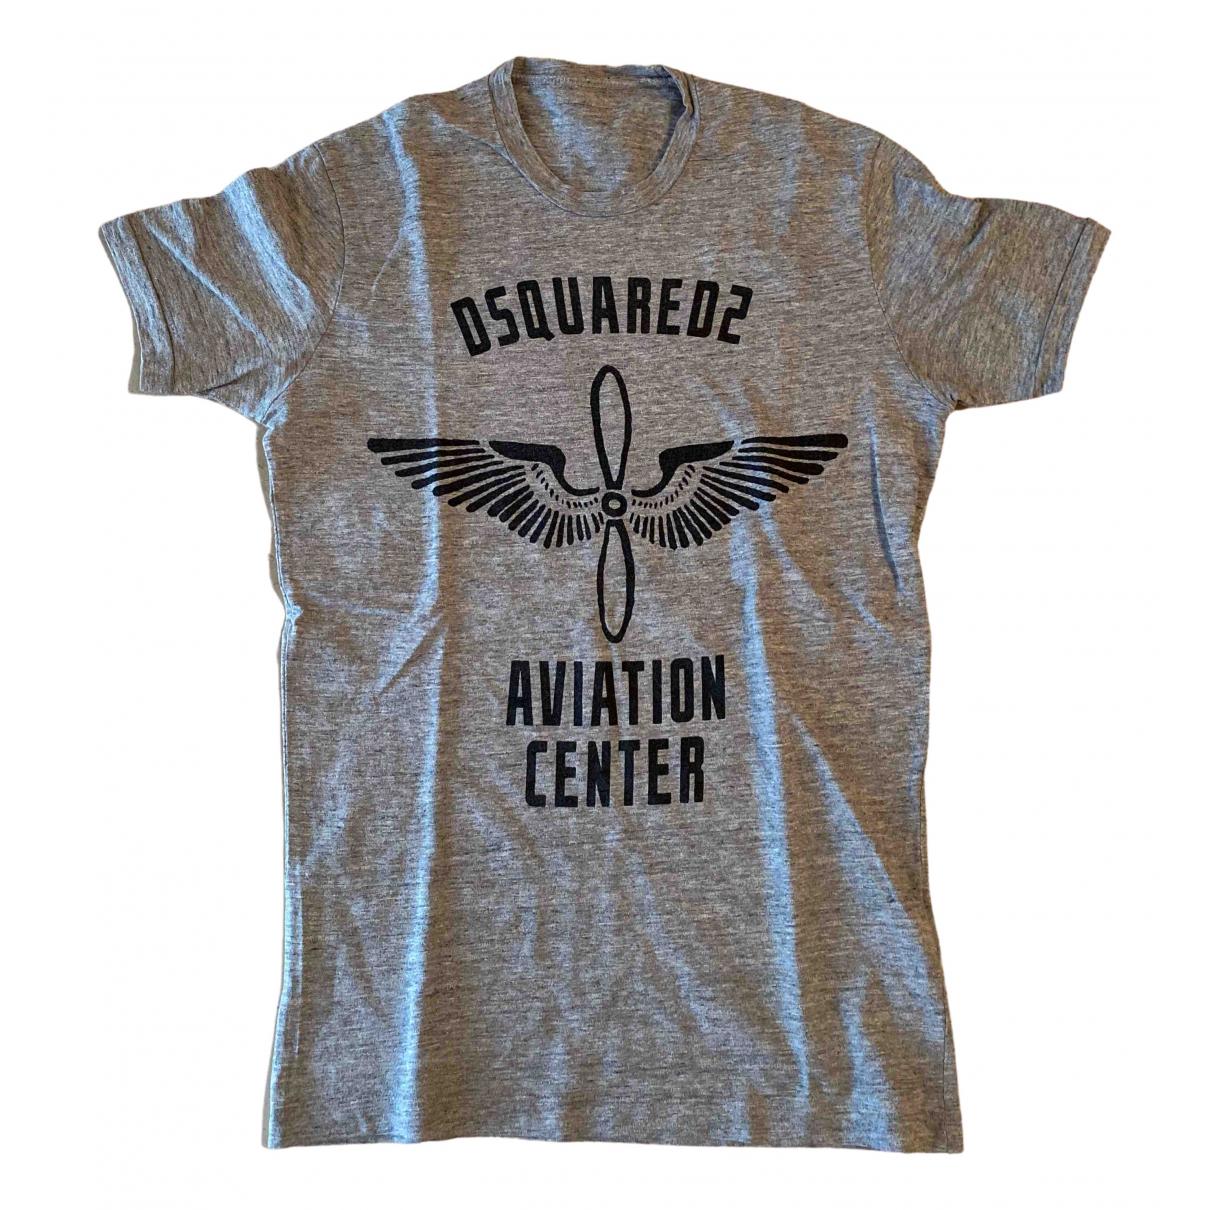 Dsquared2 - Tee shirts   pour homme en coton - gris